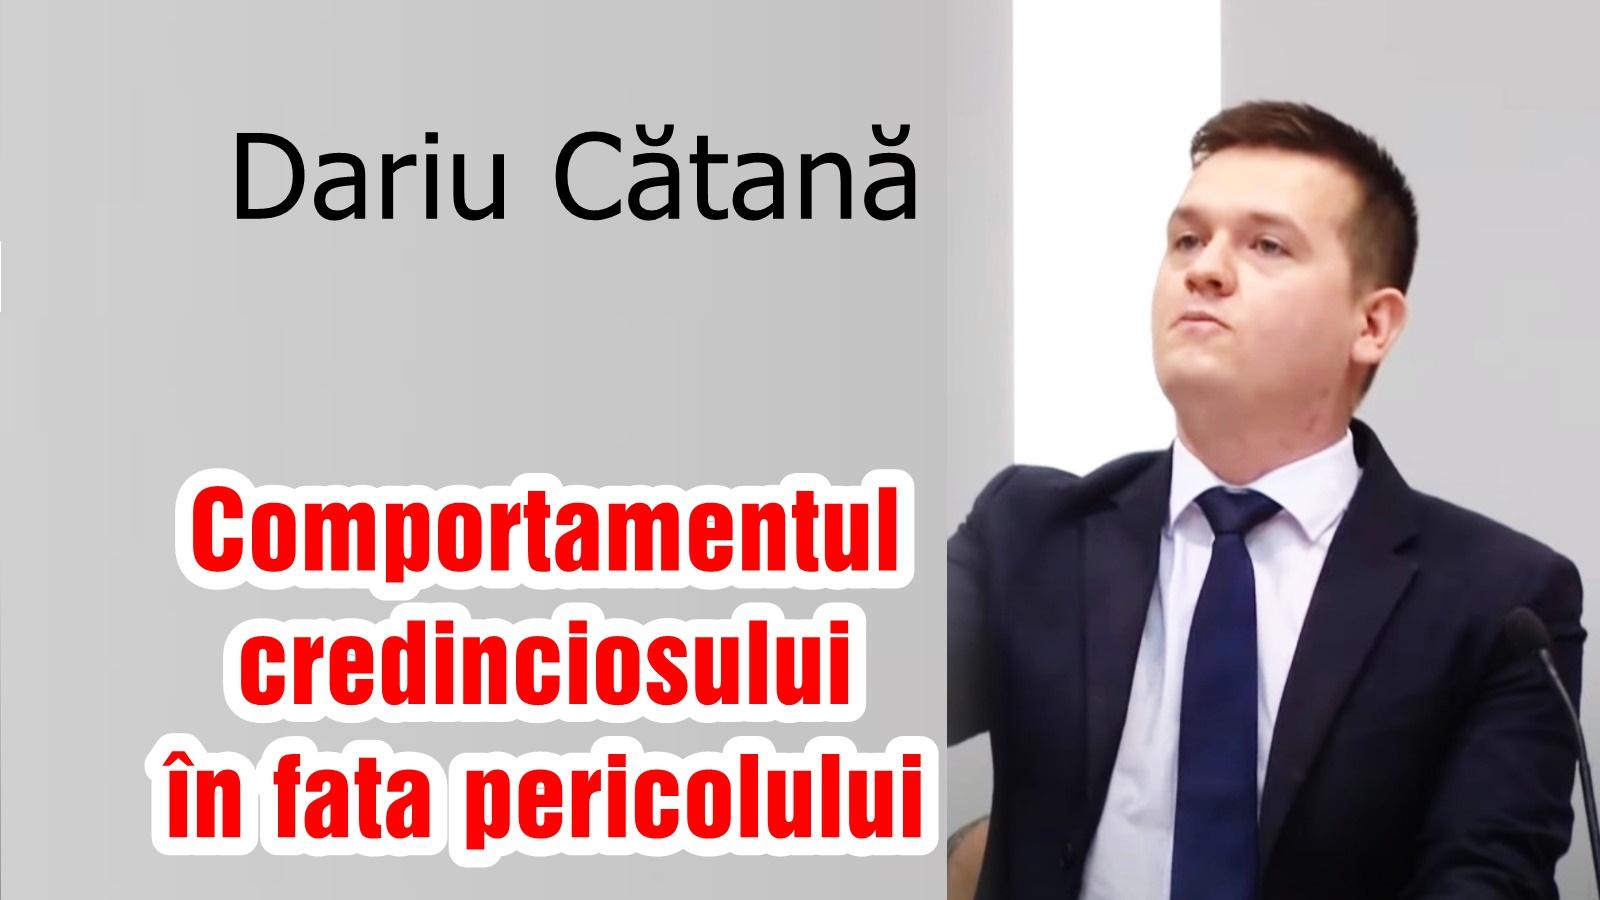 Dariu Cătană: Comportamentul credinciosului în fața pericolului